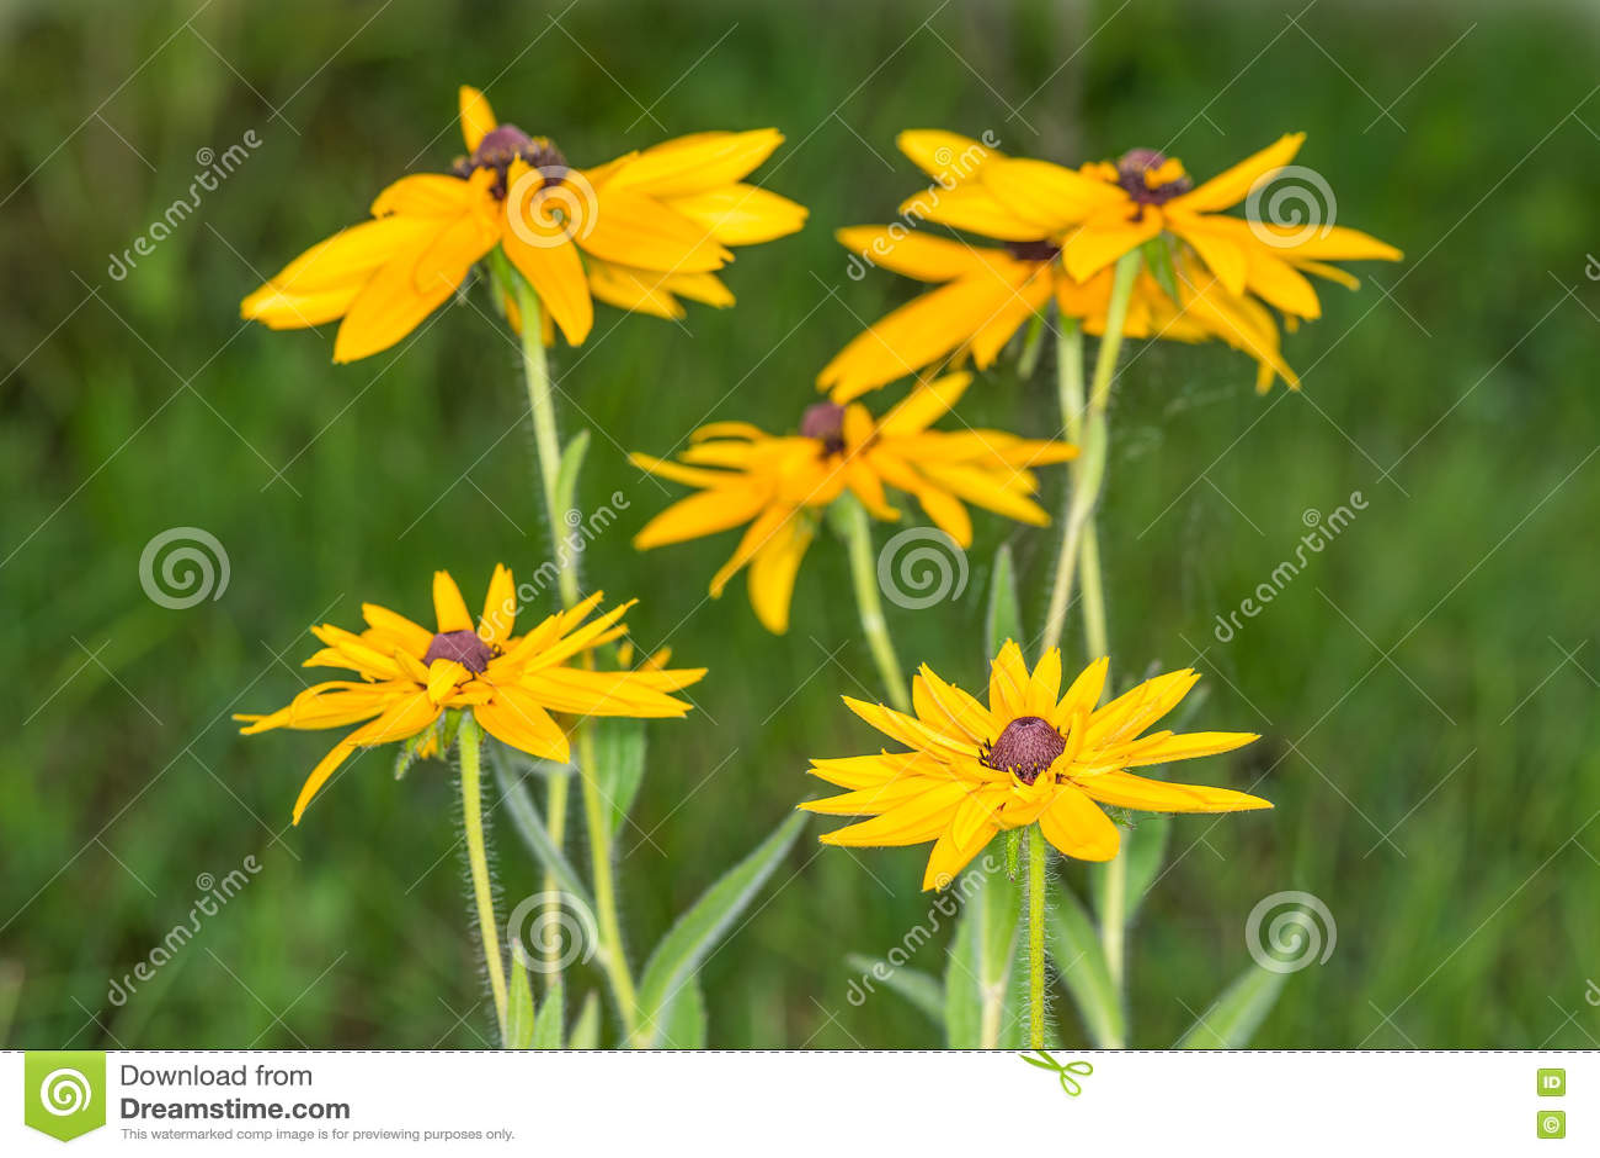 эхинацея фото желтая